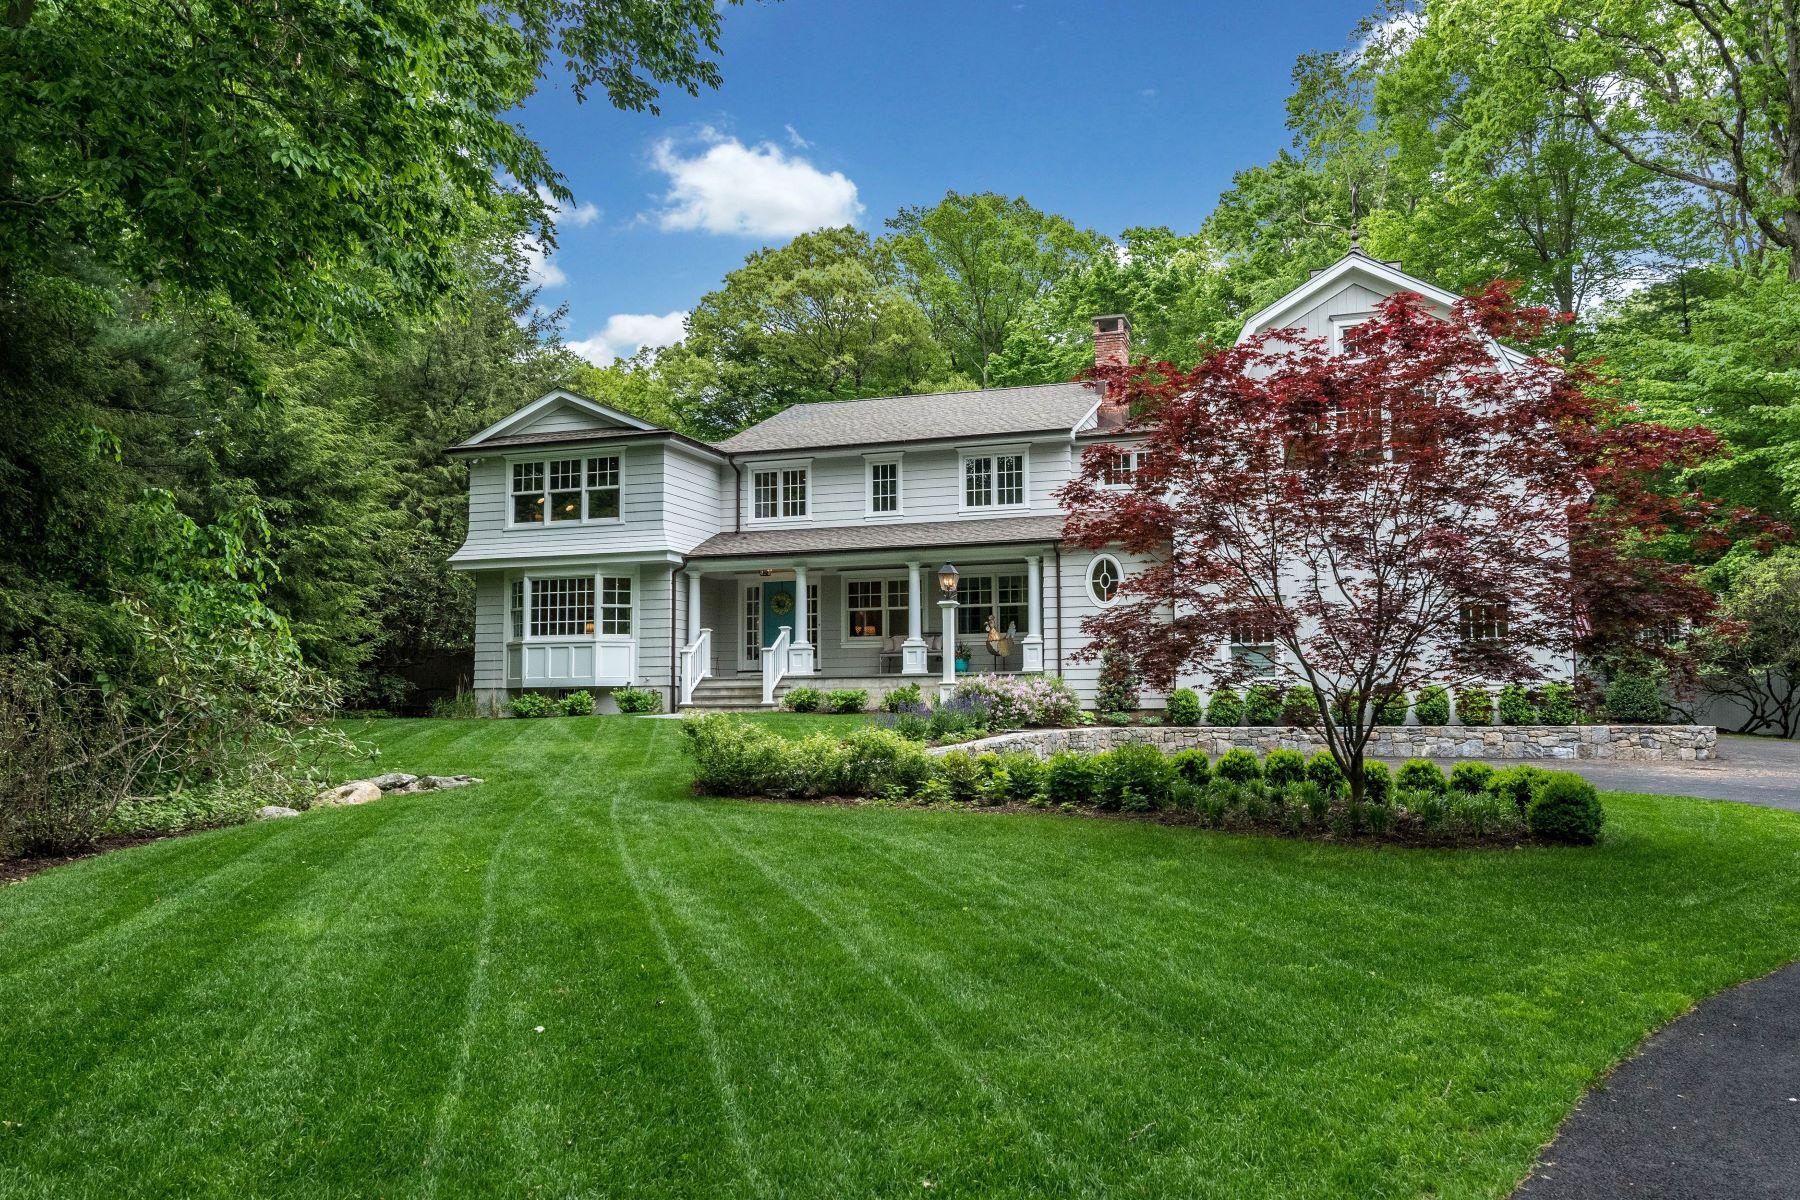 Частный односемейный дом для того Продажа на 33 Crooked Mile Road 33 Crooked Mile Road Darien, Коннектикут 06820 Соединенные Штаты